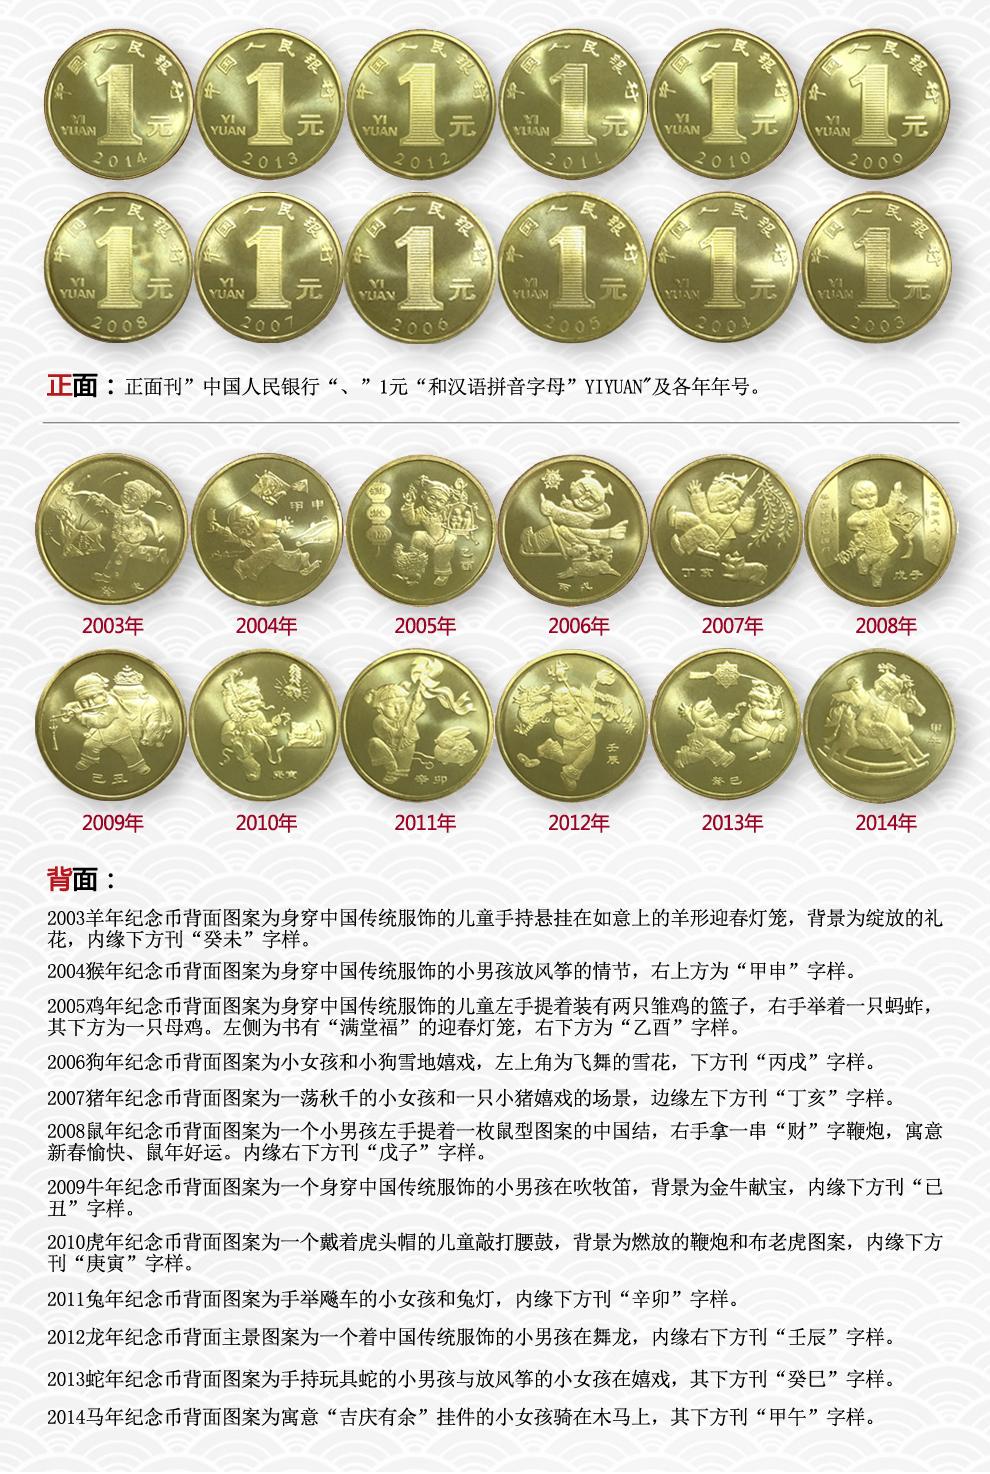 十二生肖纪念币大全套